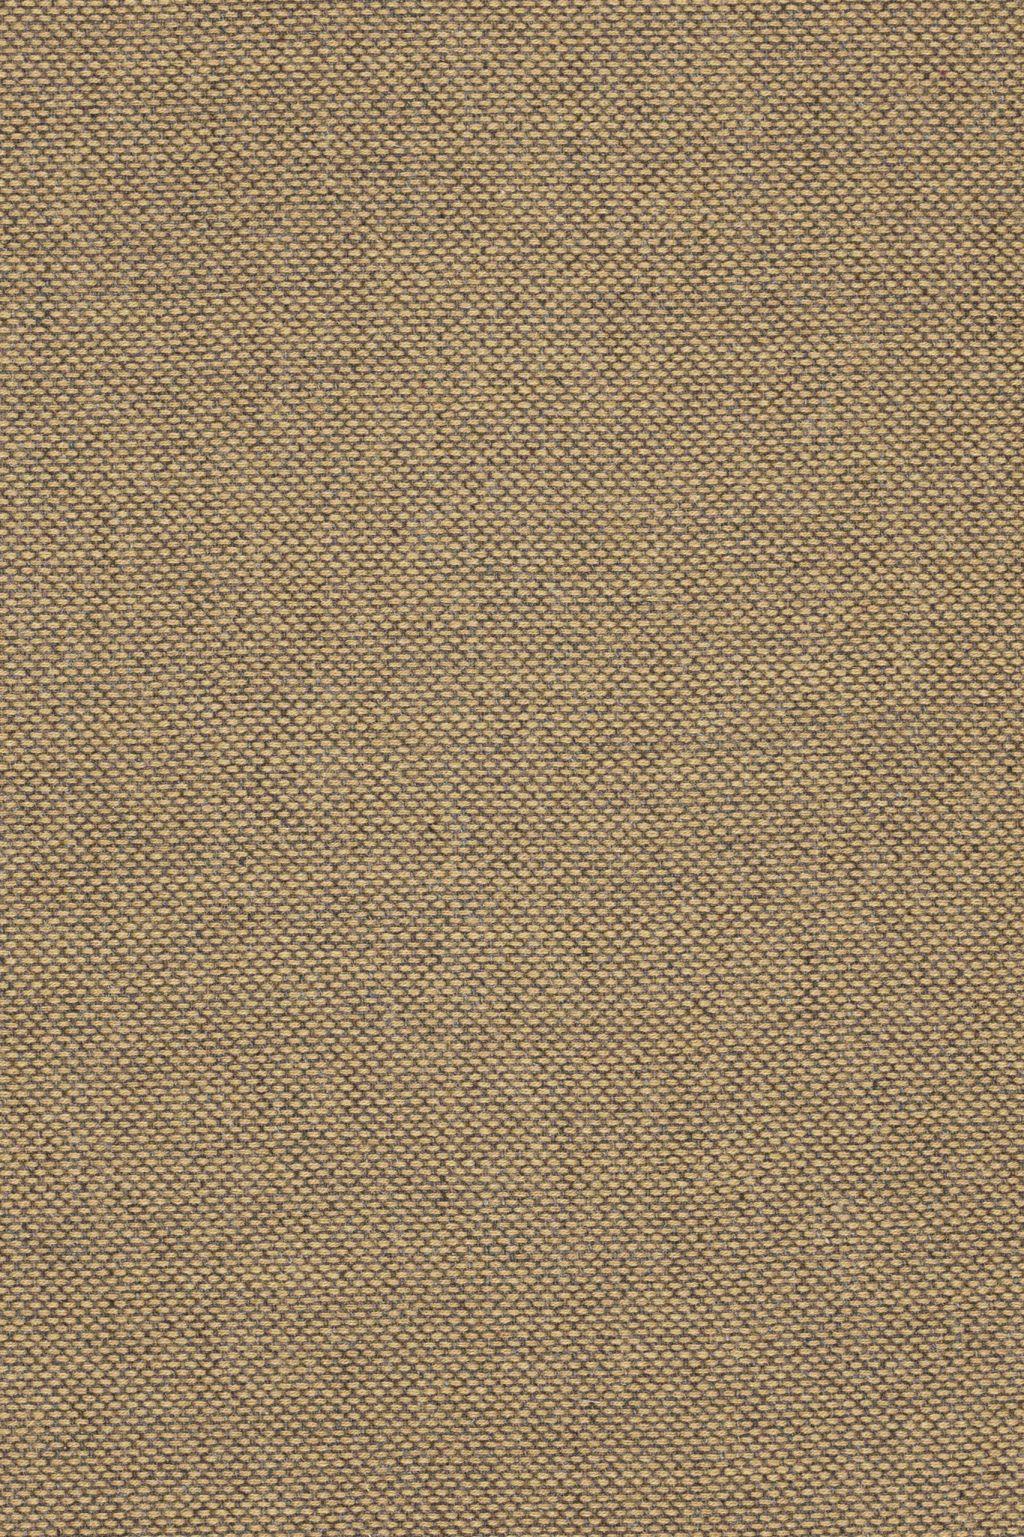 Re-wool 1292